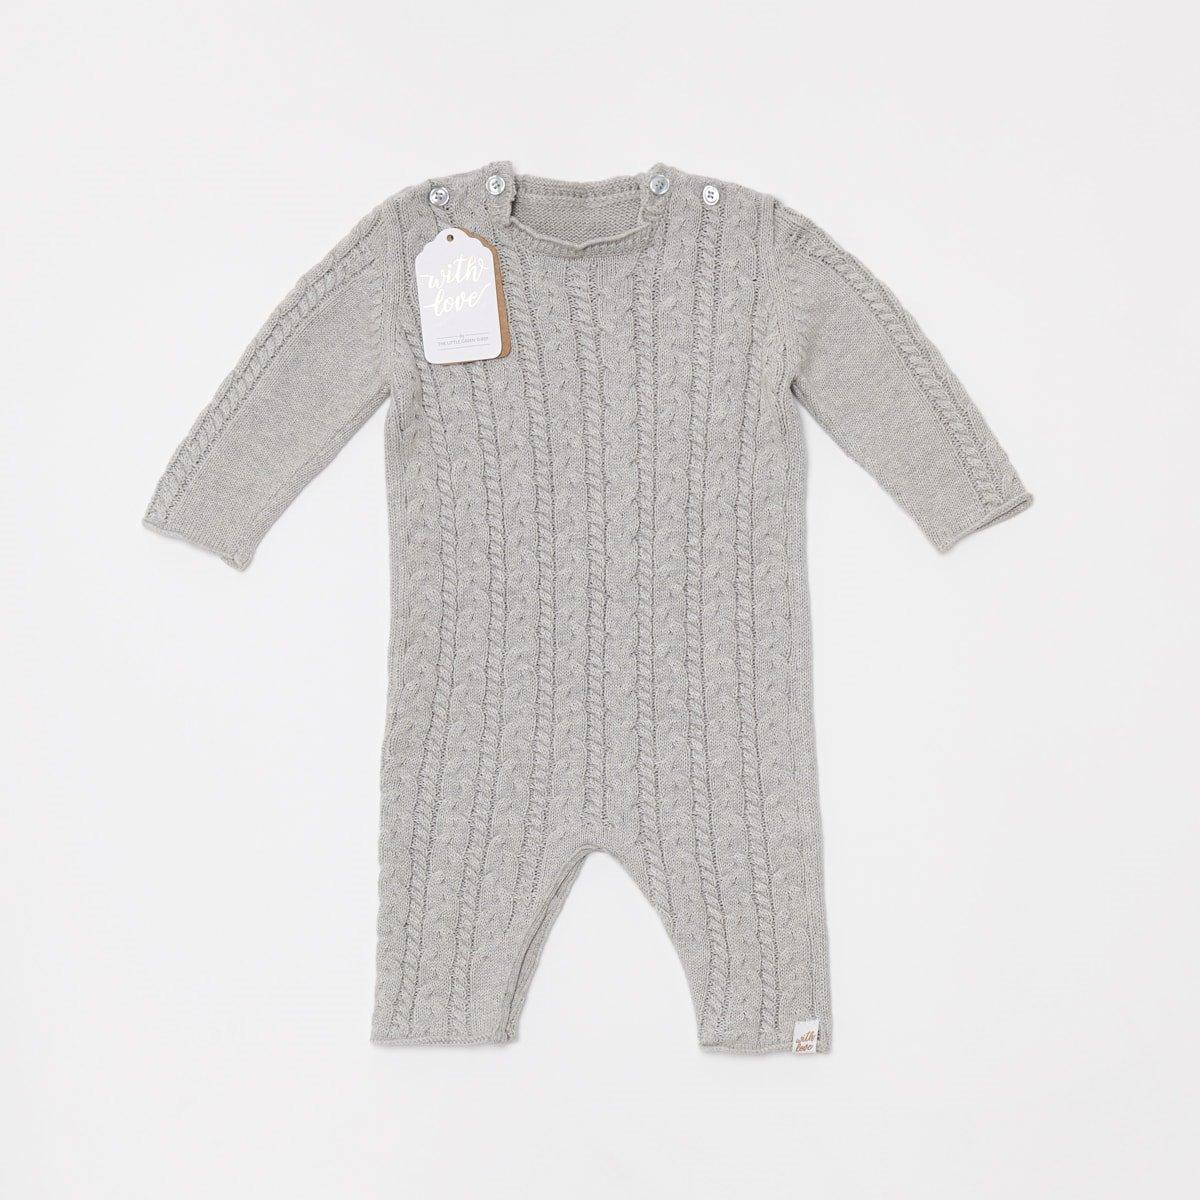 7da0b9339b0a Organic Knitted Baby Romper - Dove